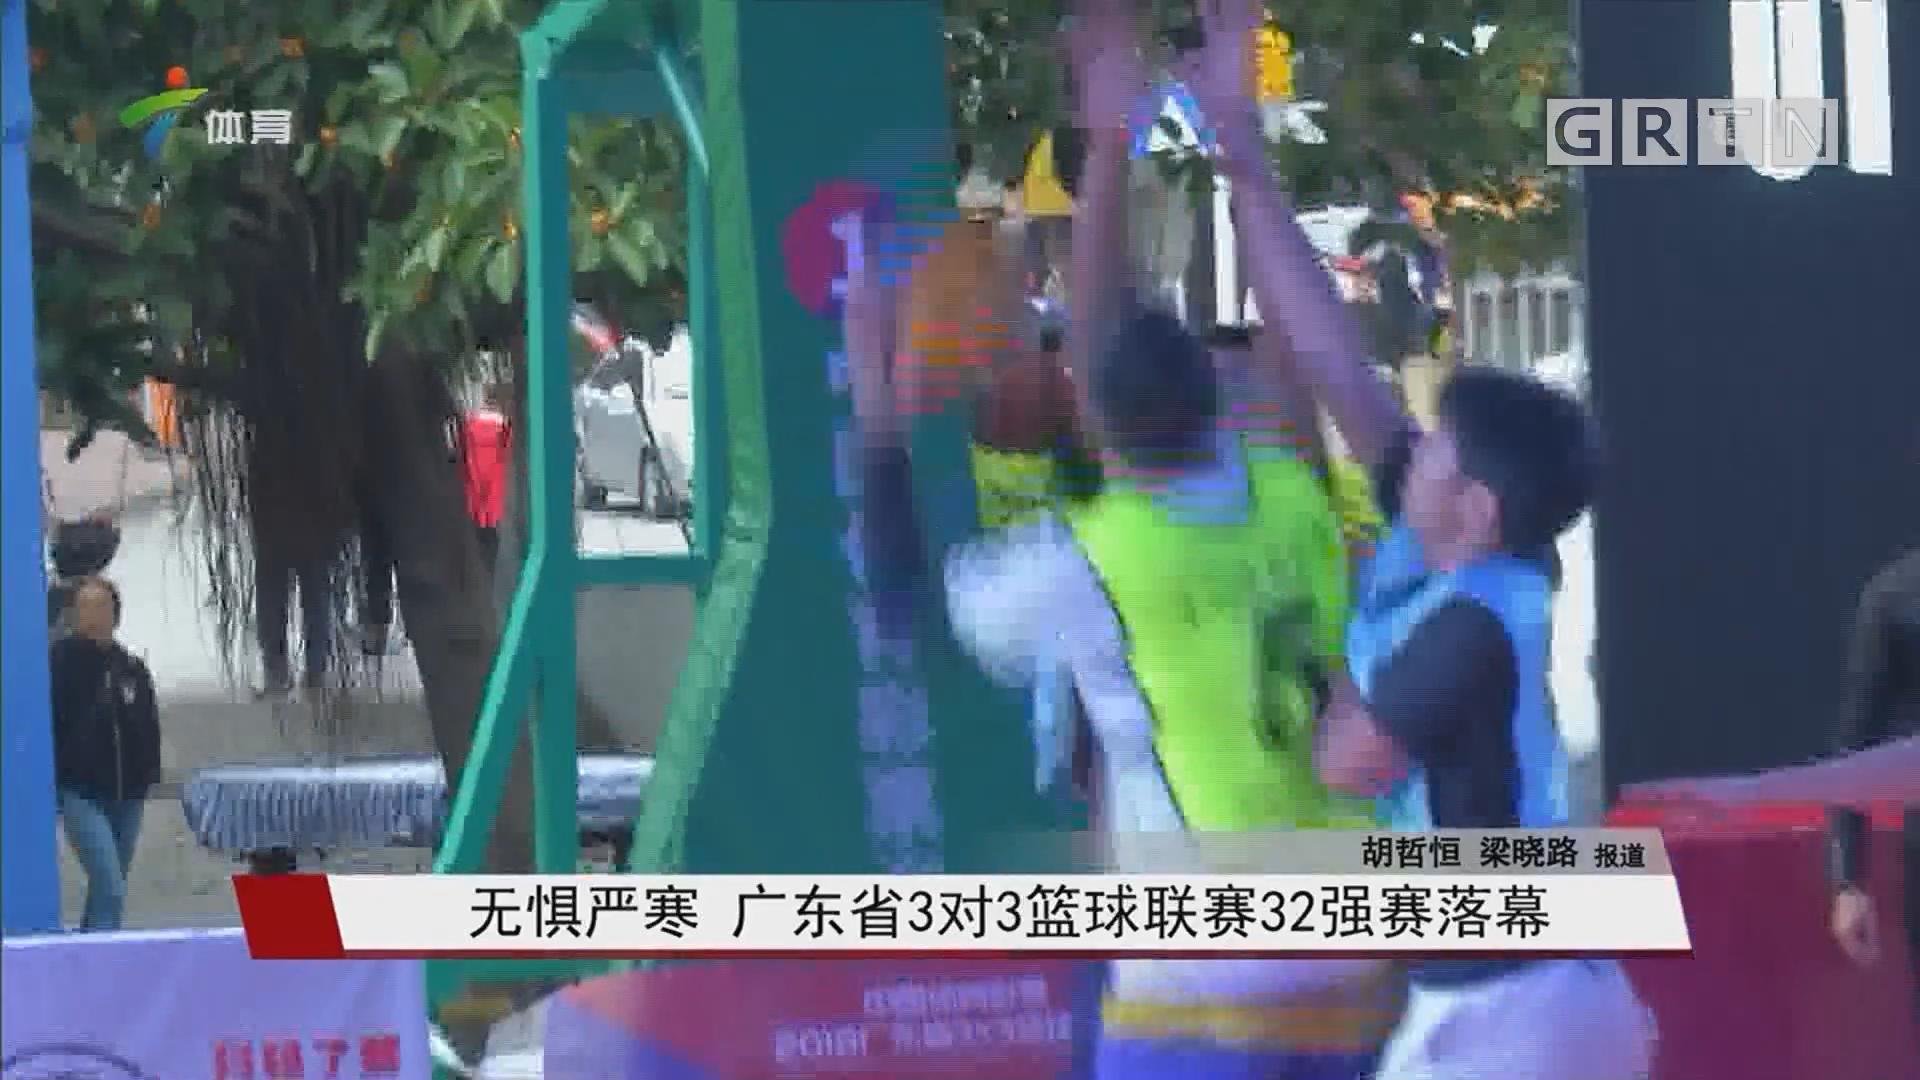 无惧严寒 广东省3对3篮球联赛32强赛落幕